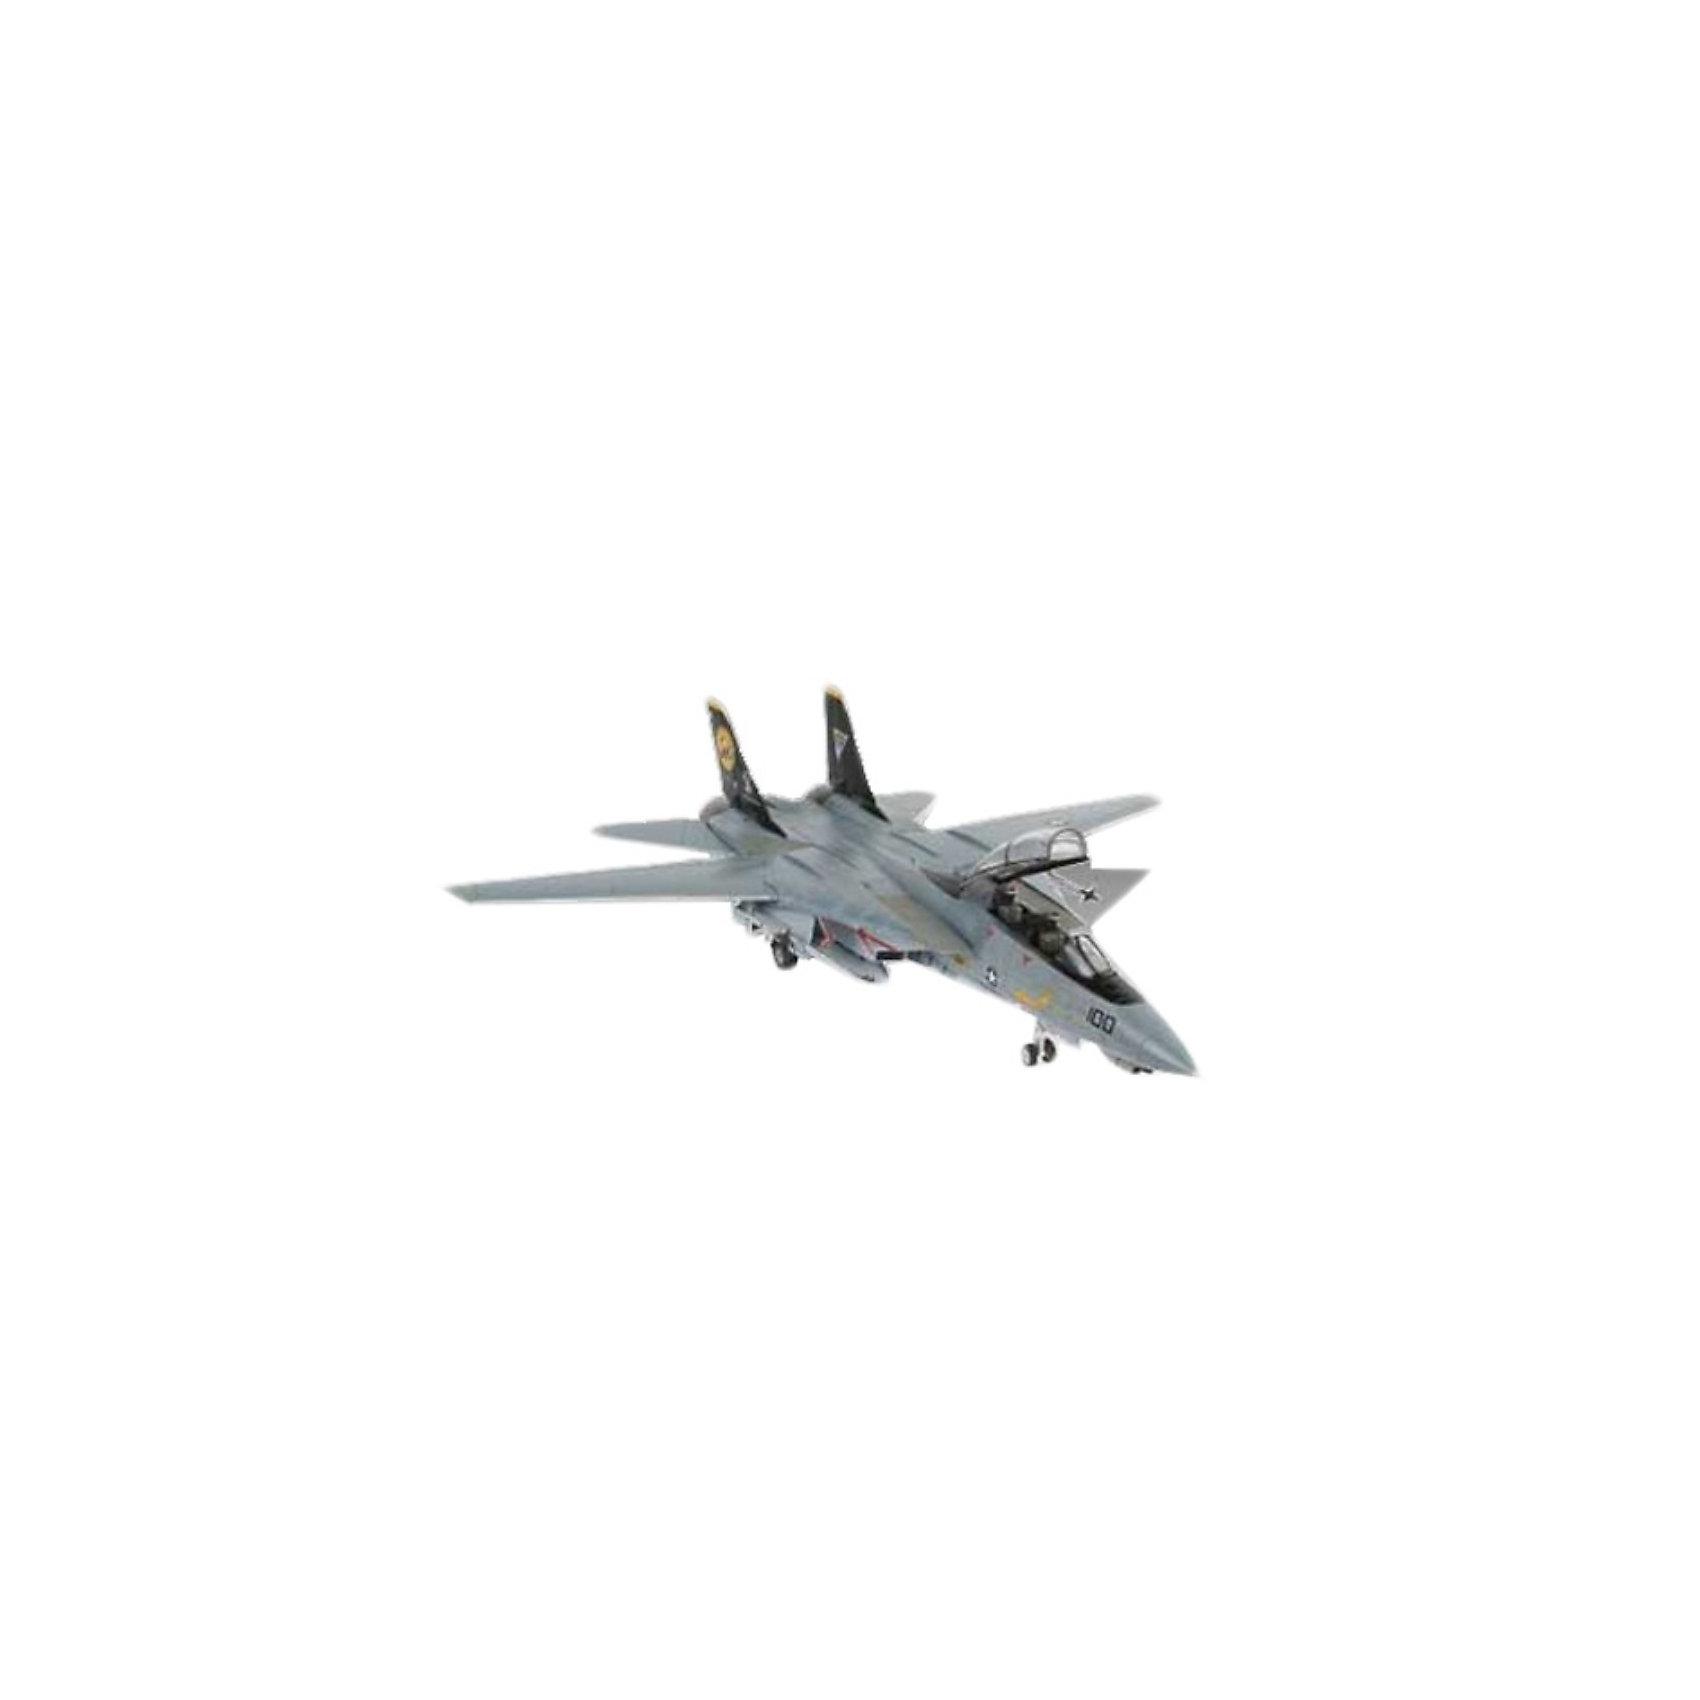 Набор Самолет F-14D Super Tomcat (1:144)Военный транспорт<br>Масштаб: 1:144; <br>Количество деталей: 57 шт.; <br>Длина модели: 134 мм.; <br>Размах крыльев: 130 мм; <br>Подойдет для детей старше 10-и лет. <br>Модель самолёта F-14D Super Tomcat от фирмы Revell является уменьшенной копией одноименного американского истребителя. Впервые произведен в 1990 году в США. Модель станет отличным украшением комнаты и дополнением Вашей коллекции. <br>Технические характеристики настоящего самолета:  <br>Мощность двигателей: 12247 kp; <br>Максимальная скорость: 2517 км/ч; <br>В  набор входят клей, краски и кисточка для полноценной сборки.<br><br>Ширина мм: 270<br>Глубина мм: 230<br>Высота мм: 33<br>Вес г: 240<br>Возраст от месяцев: 84<br>Возраст до месяцев: 1188<br>Пол: Мужской<br>Возраст: Детский<br>SKU: 1772673